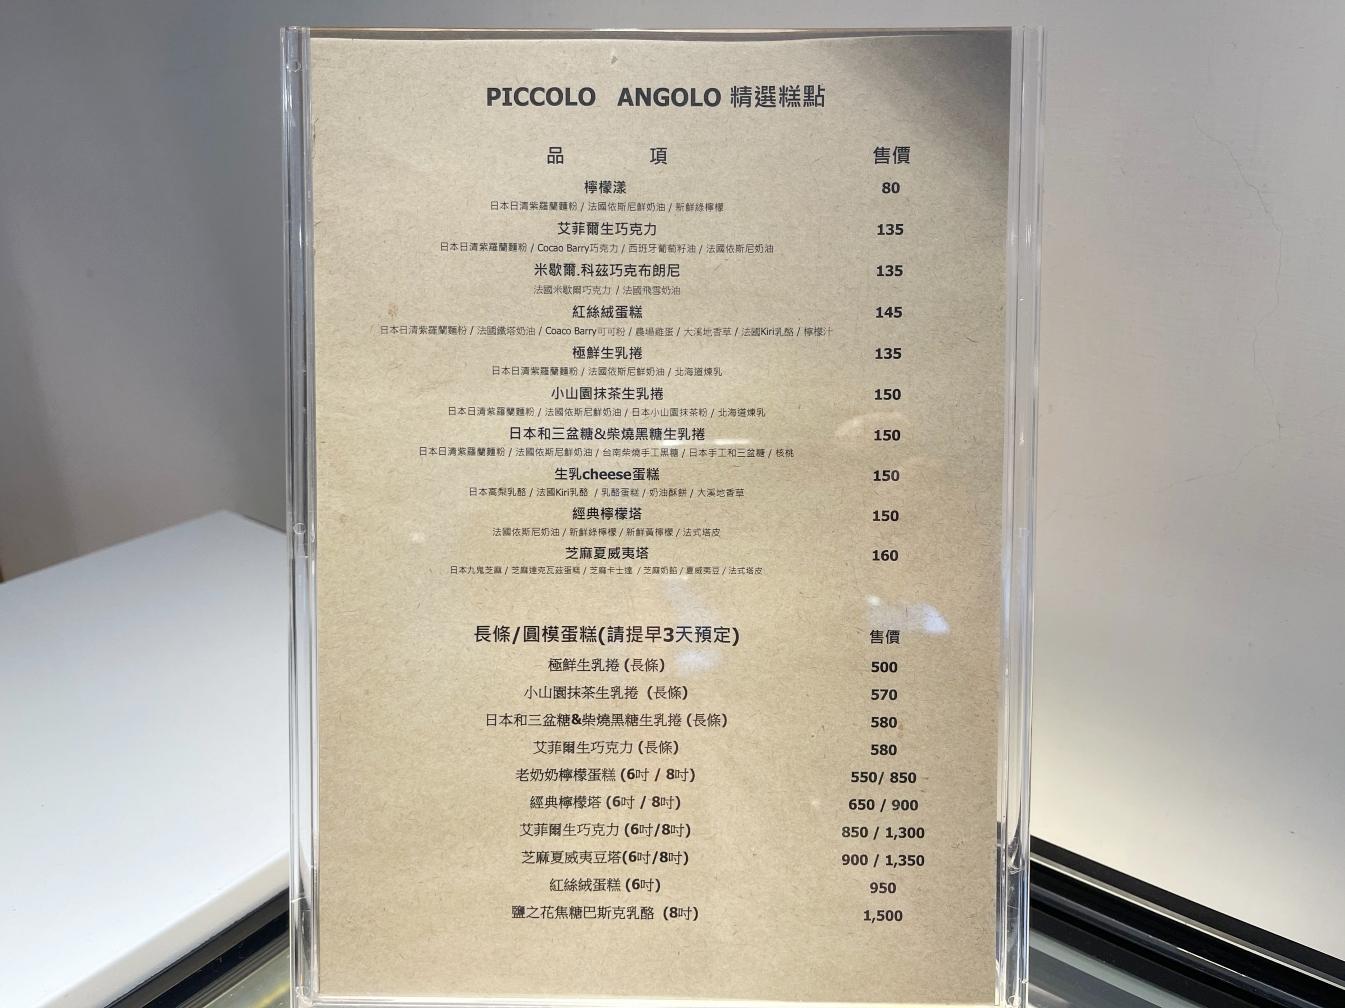 [台北美食]Piccolo Angolo角落咖啡館|捷運松江南京站附近~甜點飲品有一定水準 @VIVIYU小世界